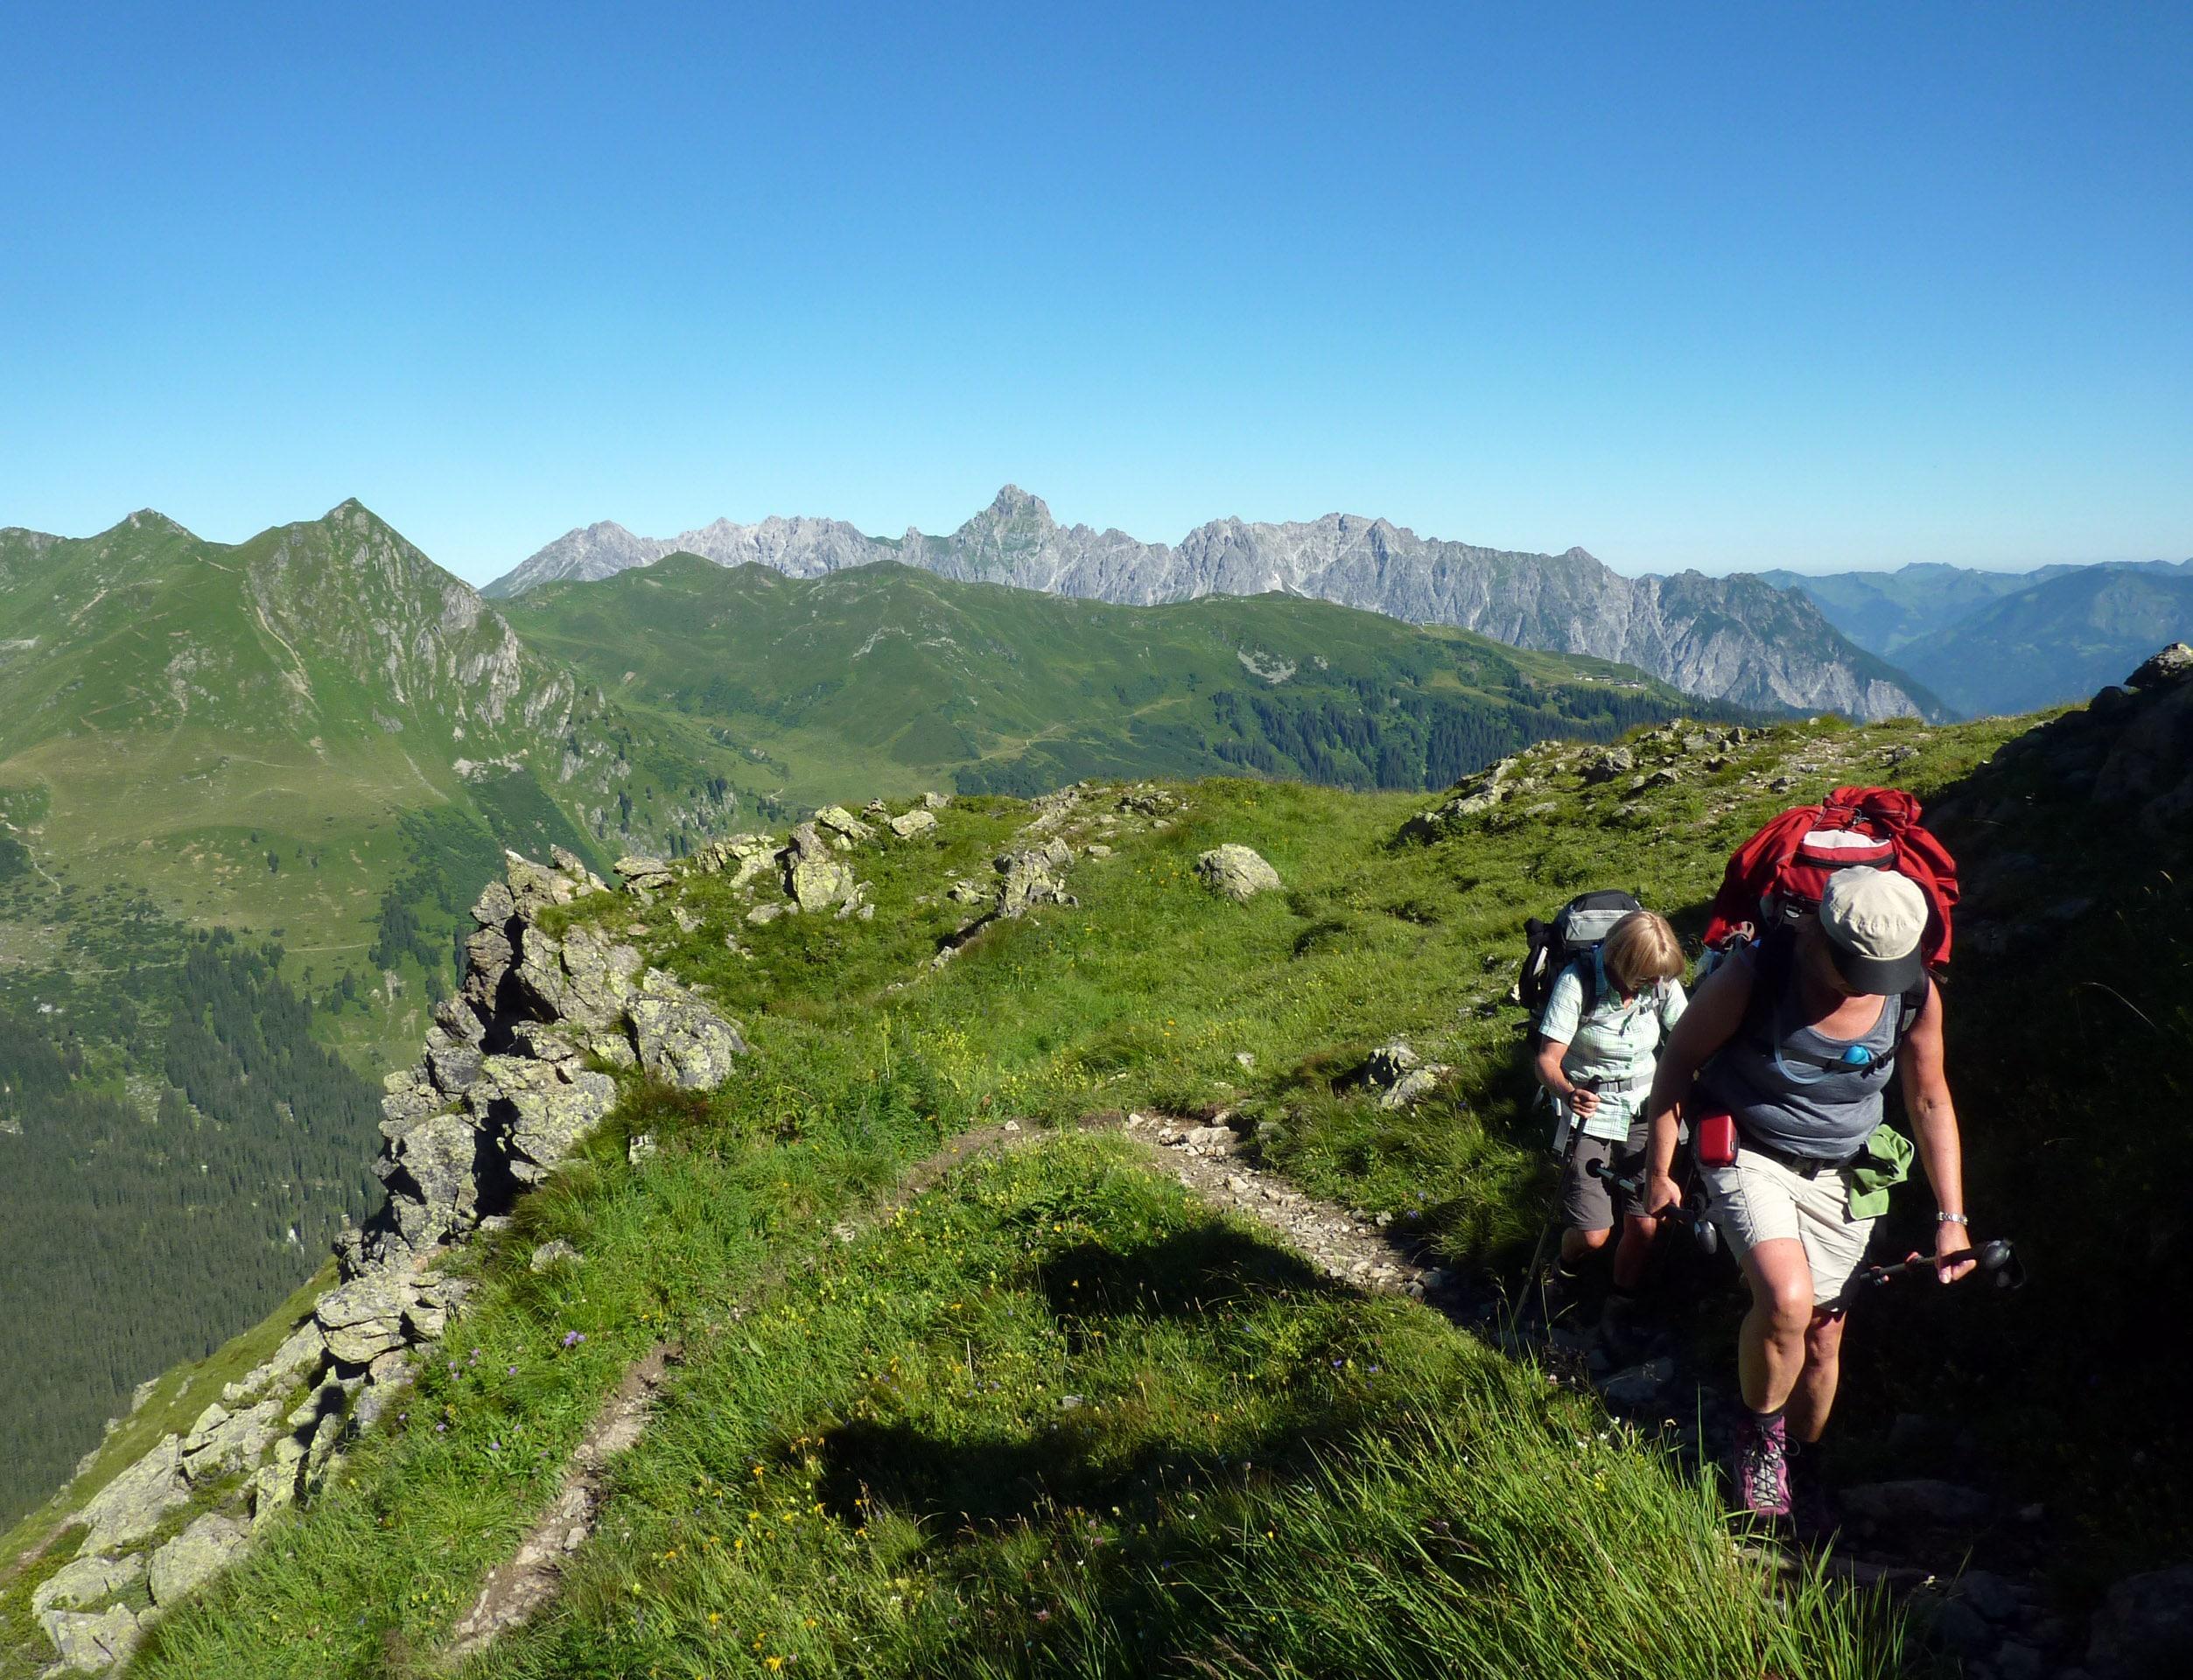 Wandern durch die Berge von Montafon